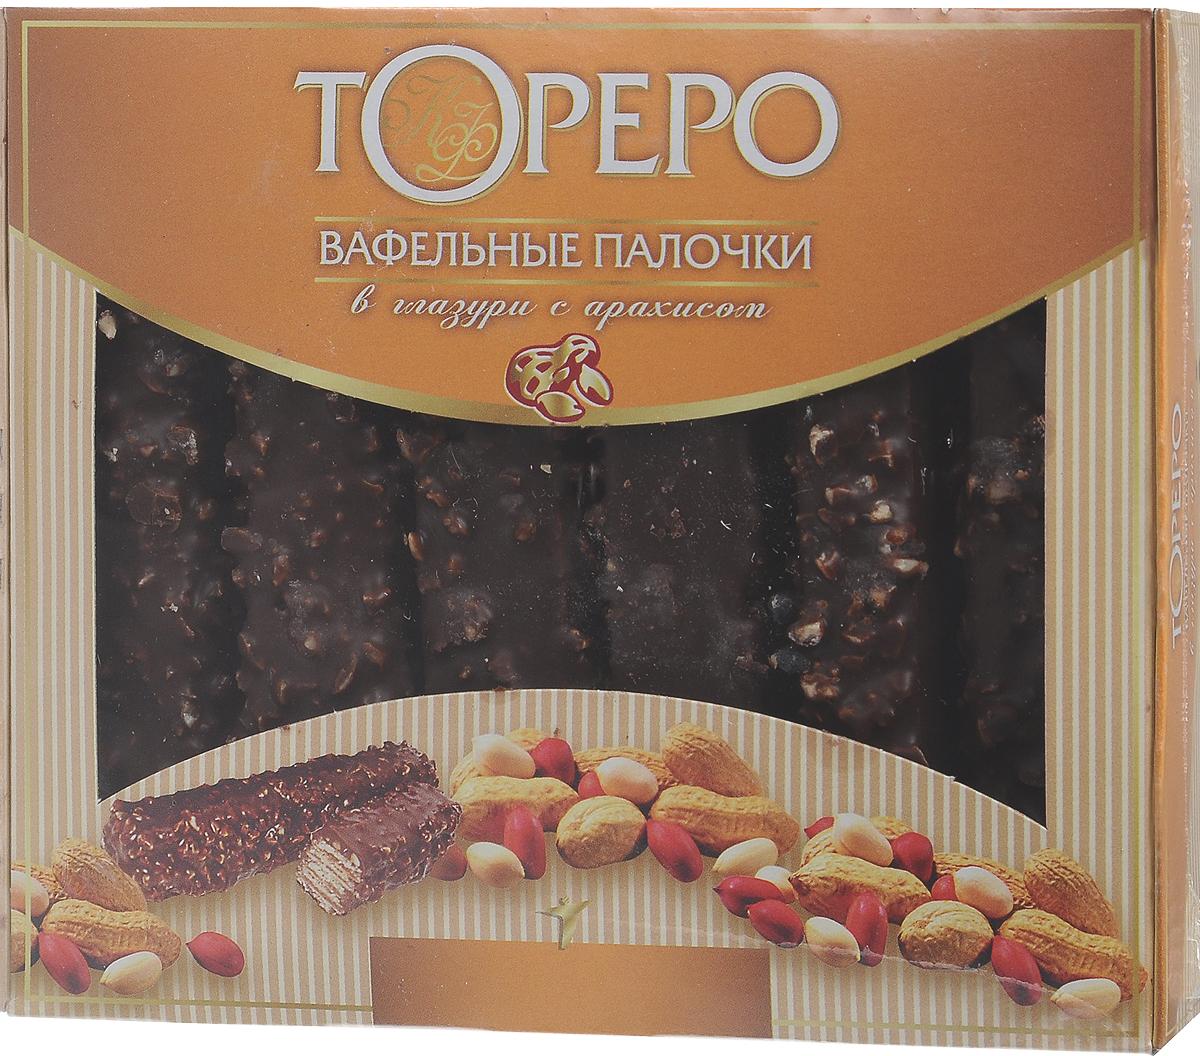 Тореро вафельные палочки в глазури с арахисом, в коробке, 220 г тореро вафли со сливочным ароматом 180 г